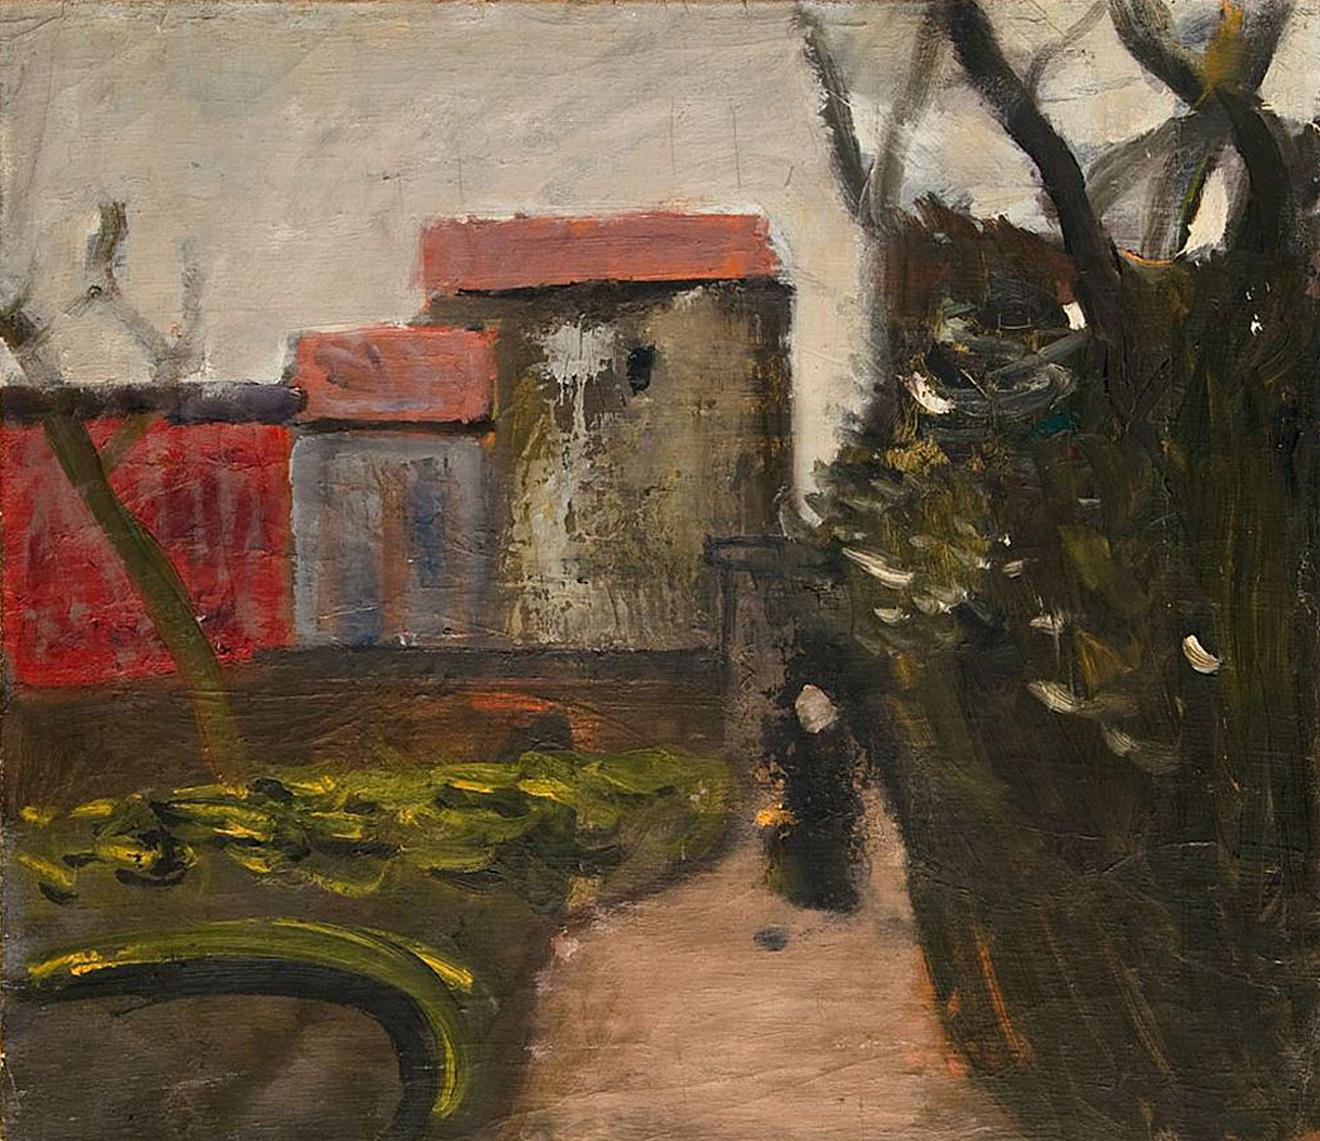 Артур Нахт-Самборський. Будинок і дерево, 1940-ві; олія, полотно